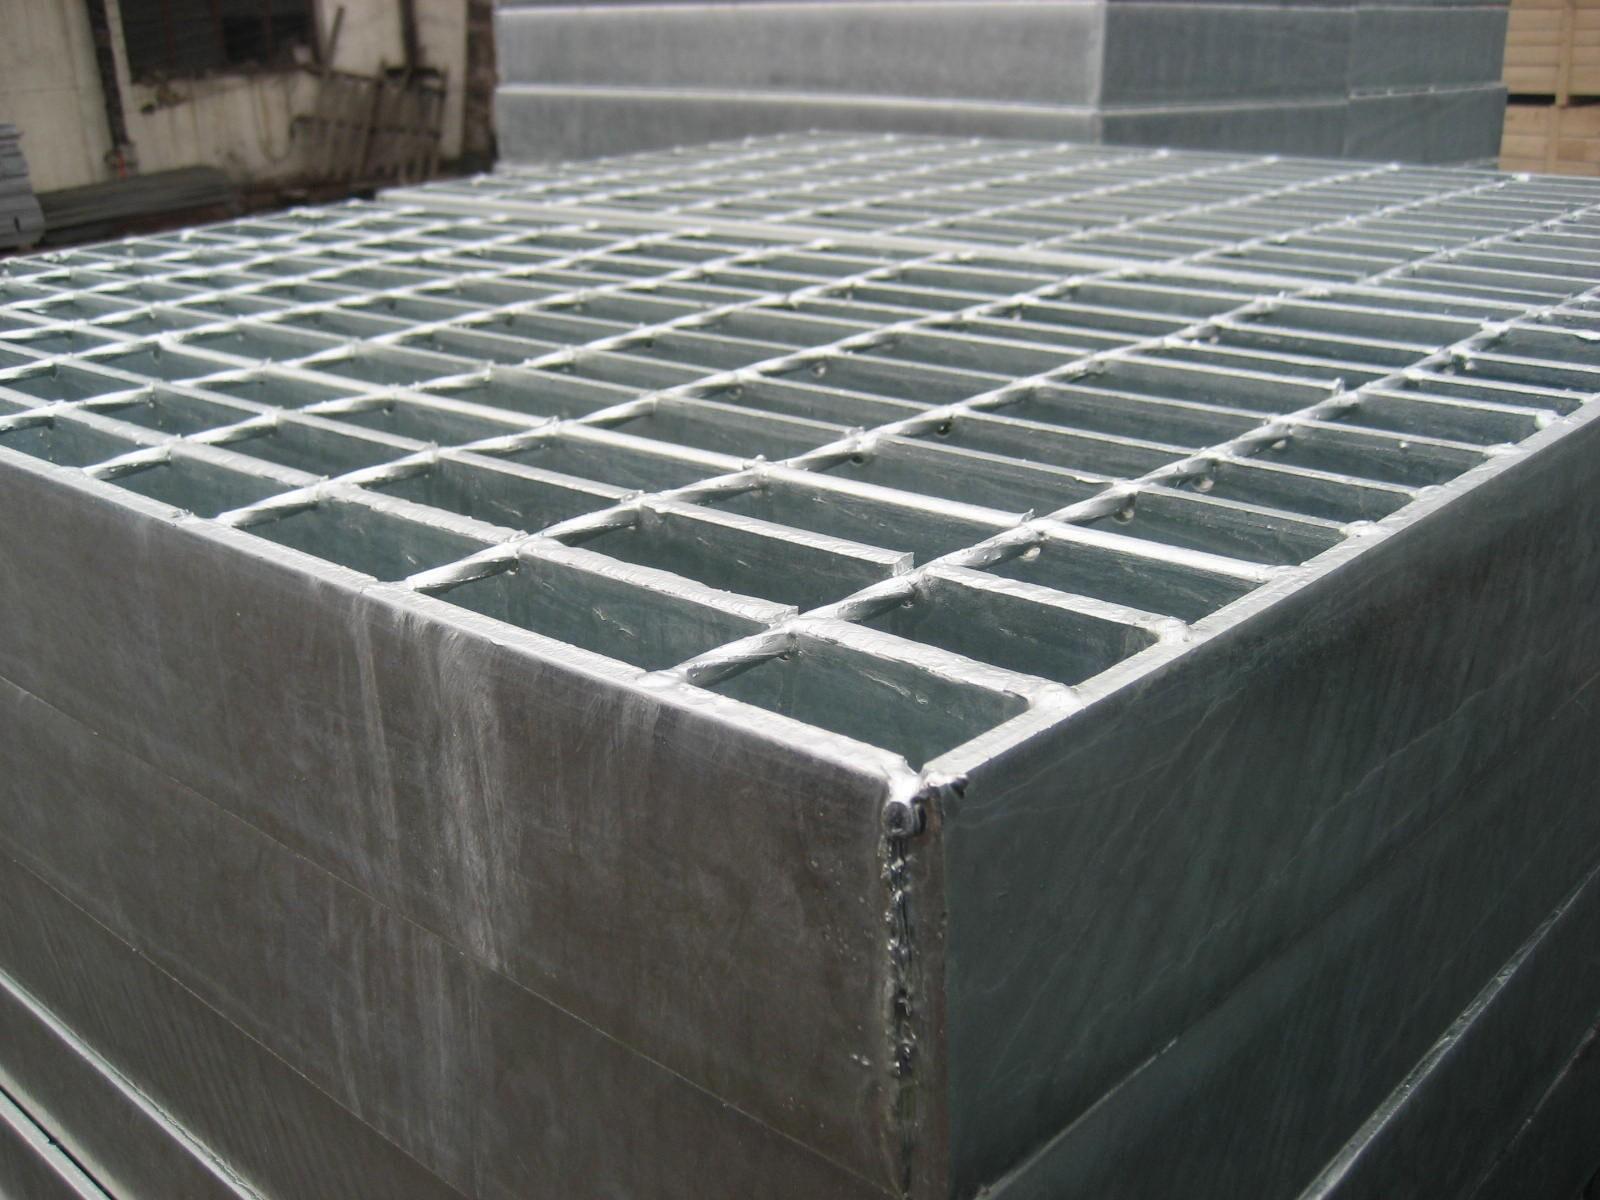 熱鍍鋅鋼格板?       熱鍍鋅鋼格是由橫向和縱向扁鋼或者橫桿或者縱條通過焊接而成的鋼格板,之所以叫熱鍍鋅鋼格板,是鋼格板的表面處理決定的。   鋼格板生產后,熱浸鍍鋅鋼格